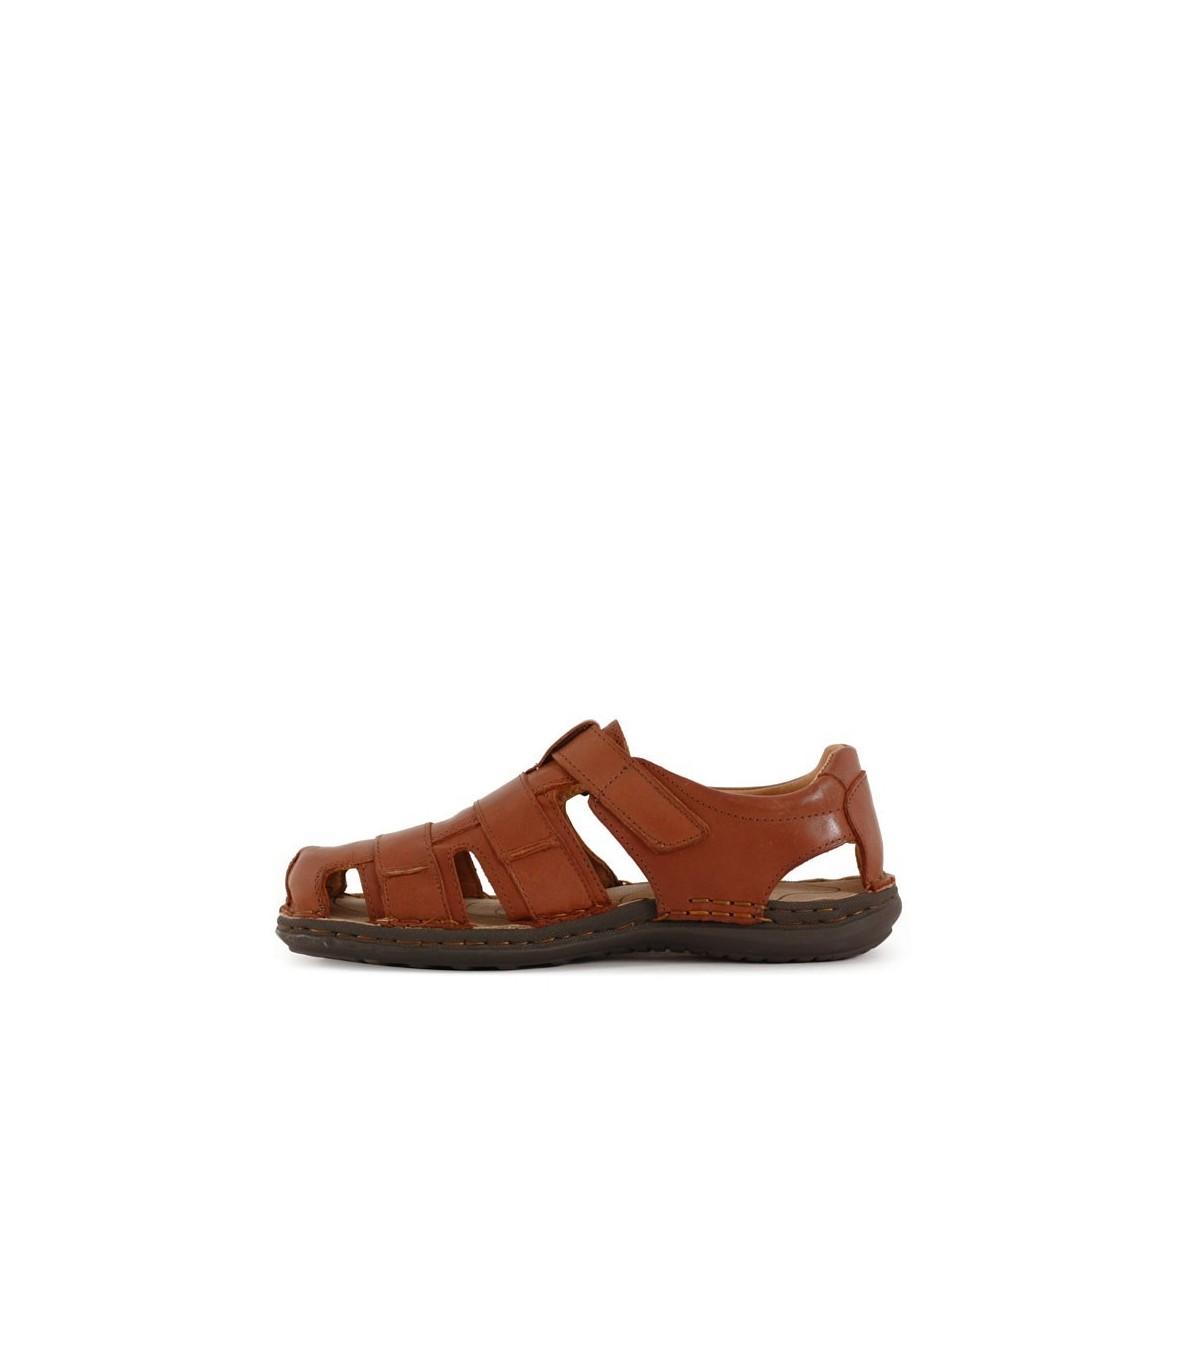 bd3470df2c5 Sandalias de cuero marrón